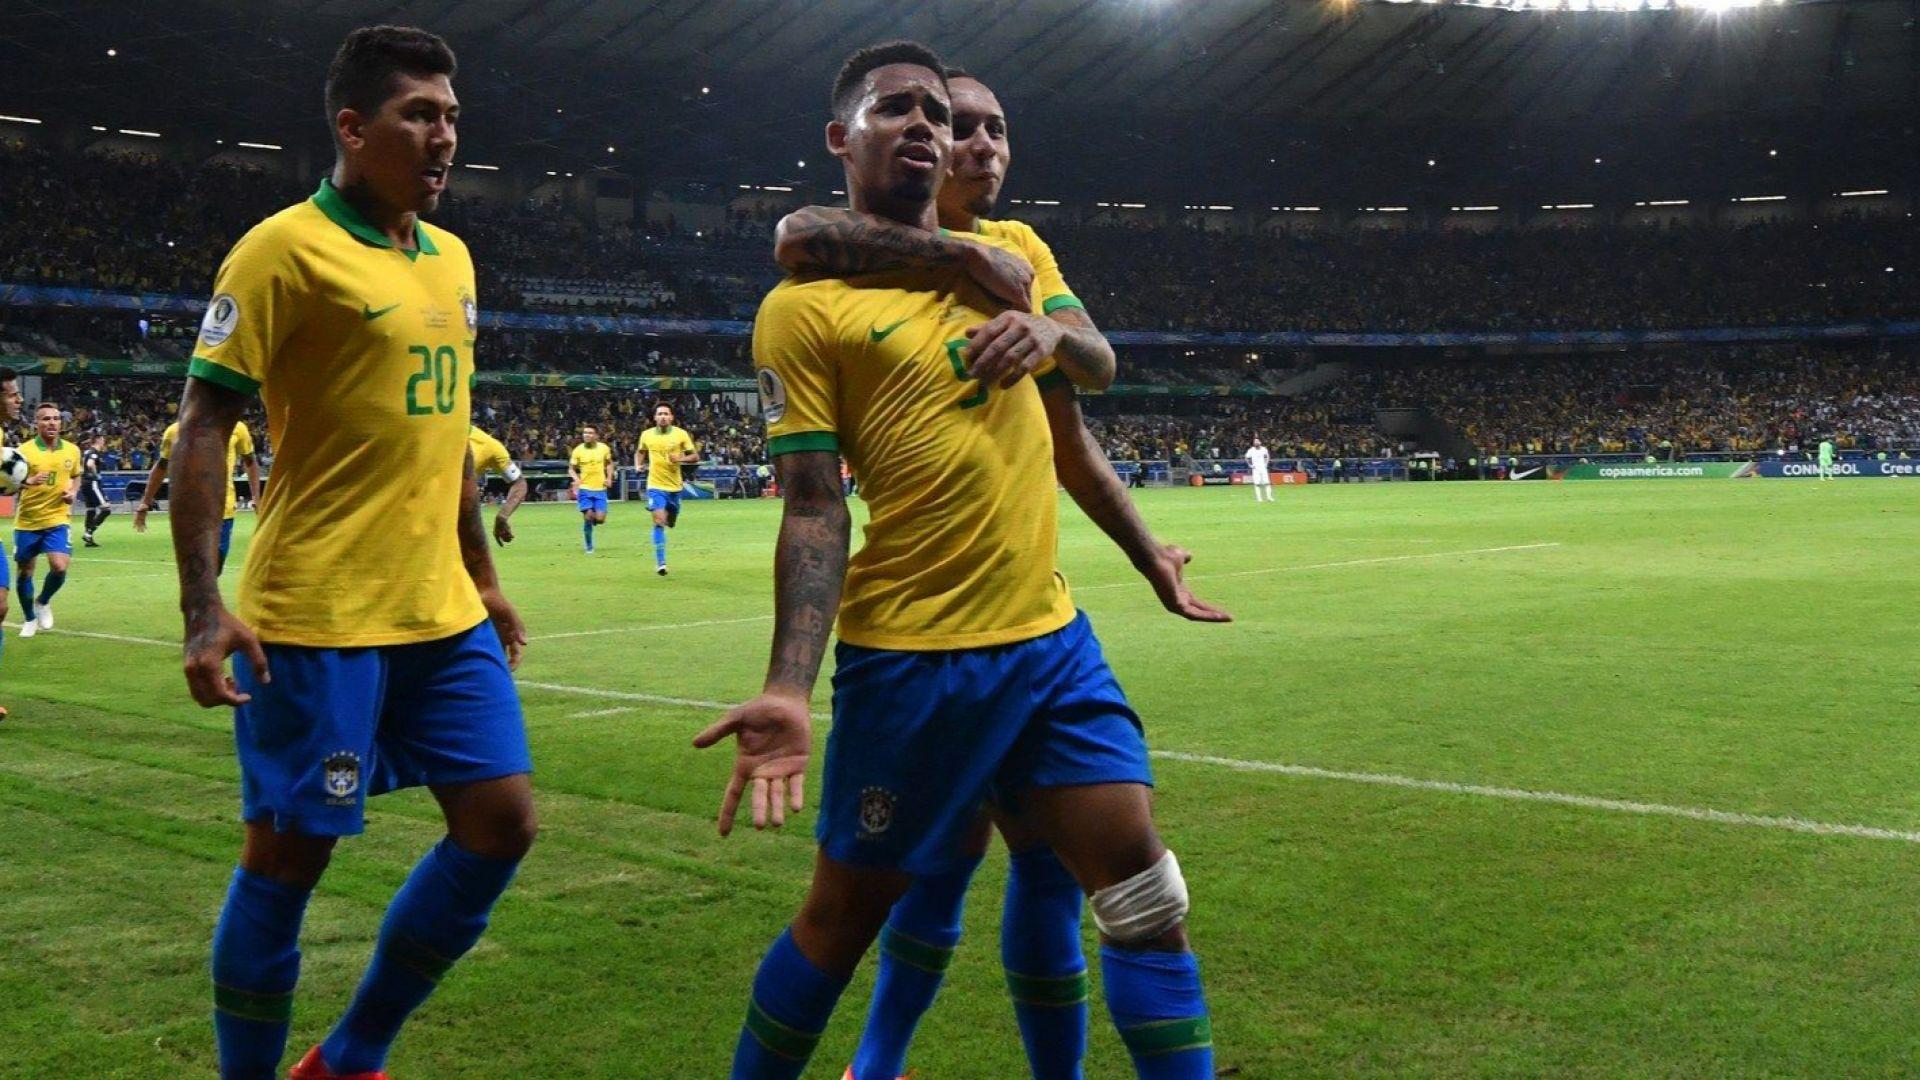 Смъртоносни бразилски куршуми и гредите убиха мечтата на Меси